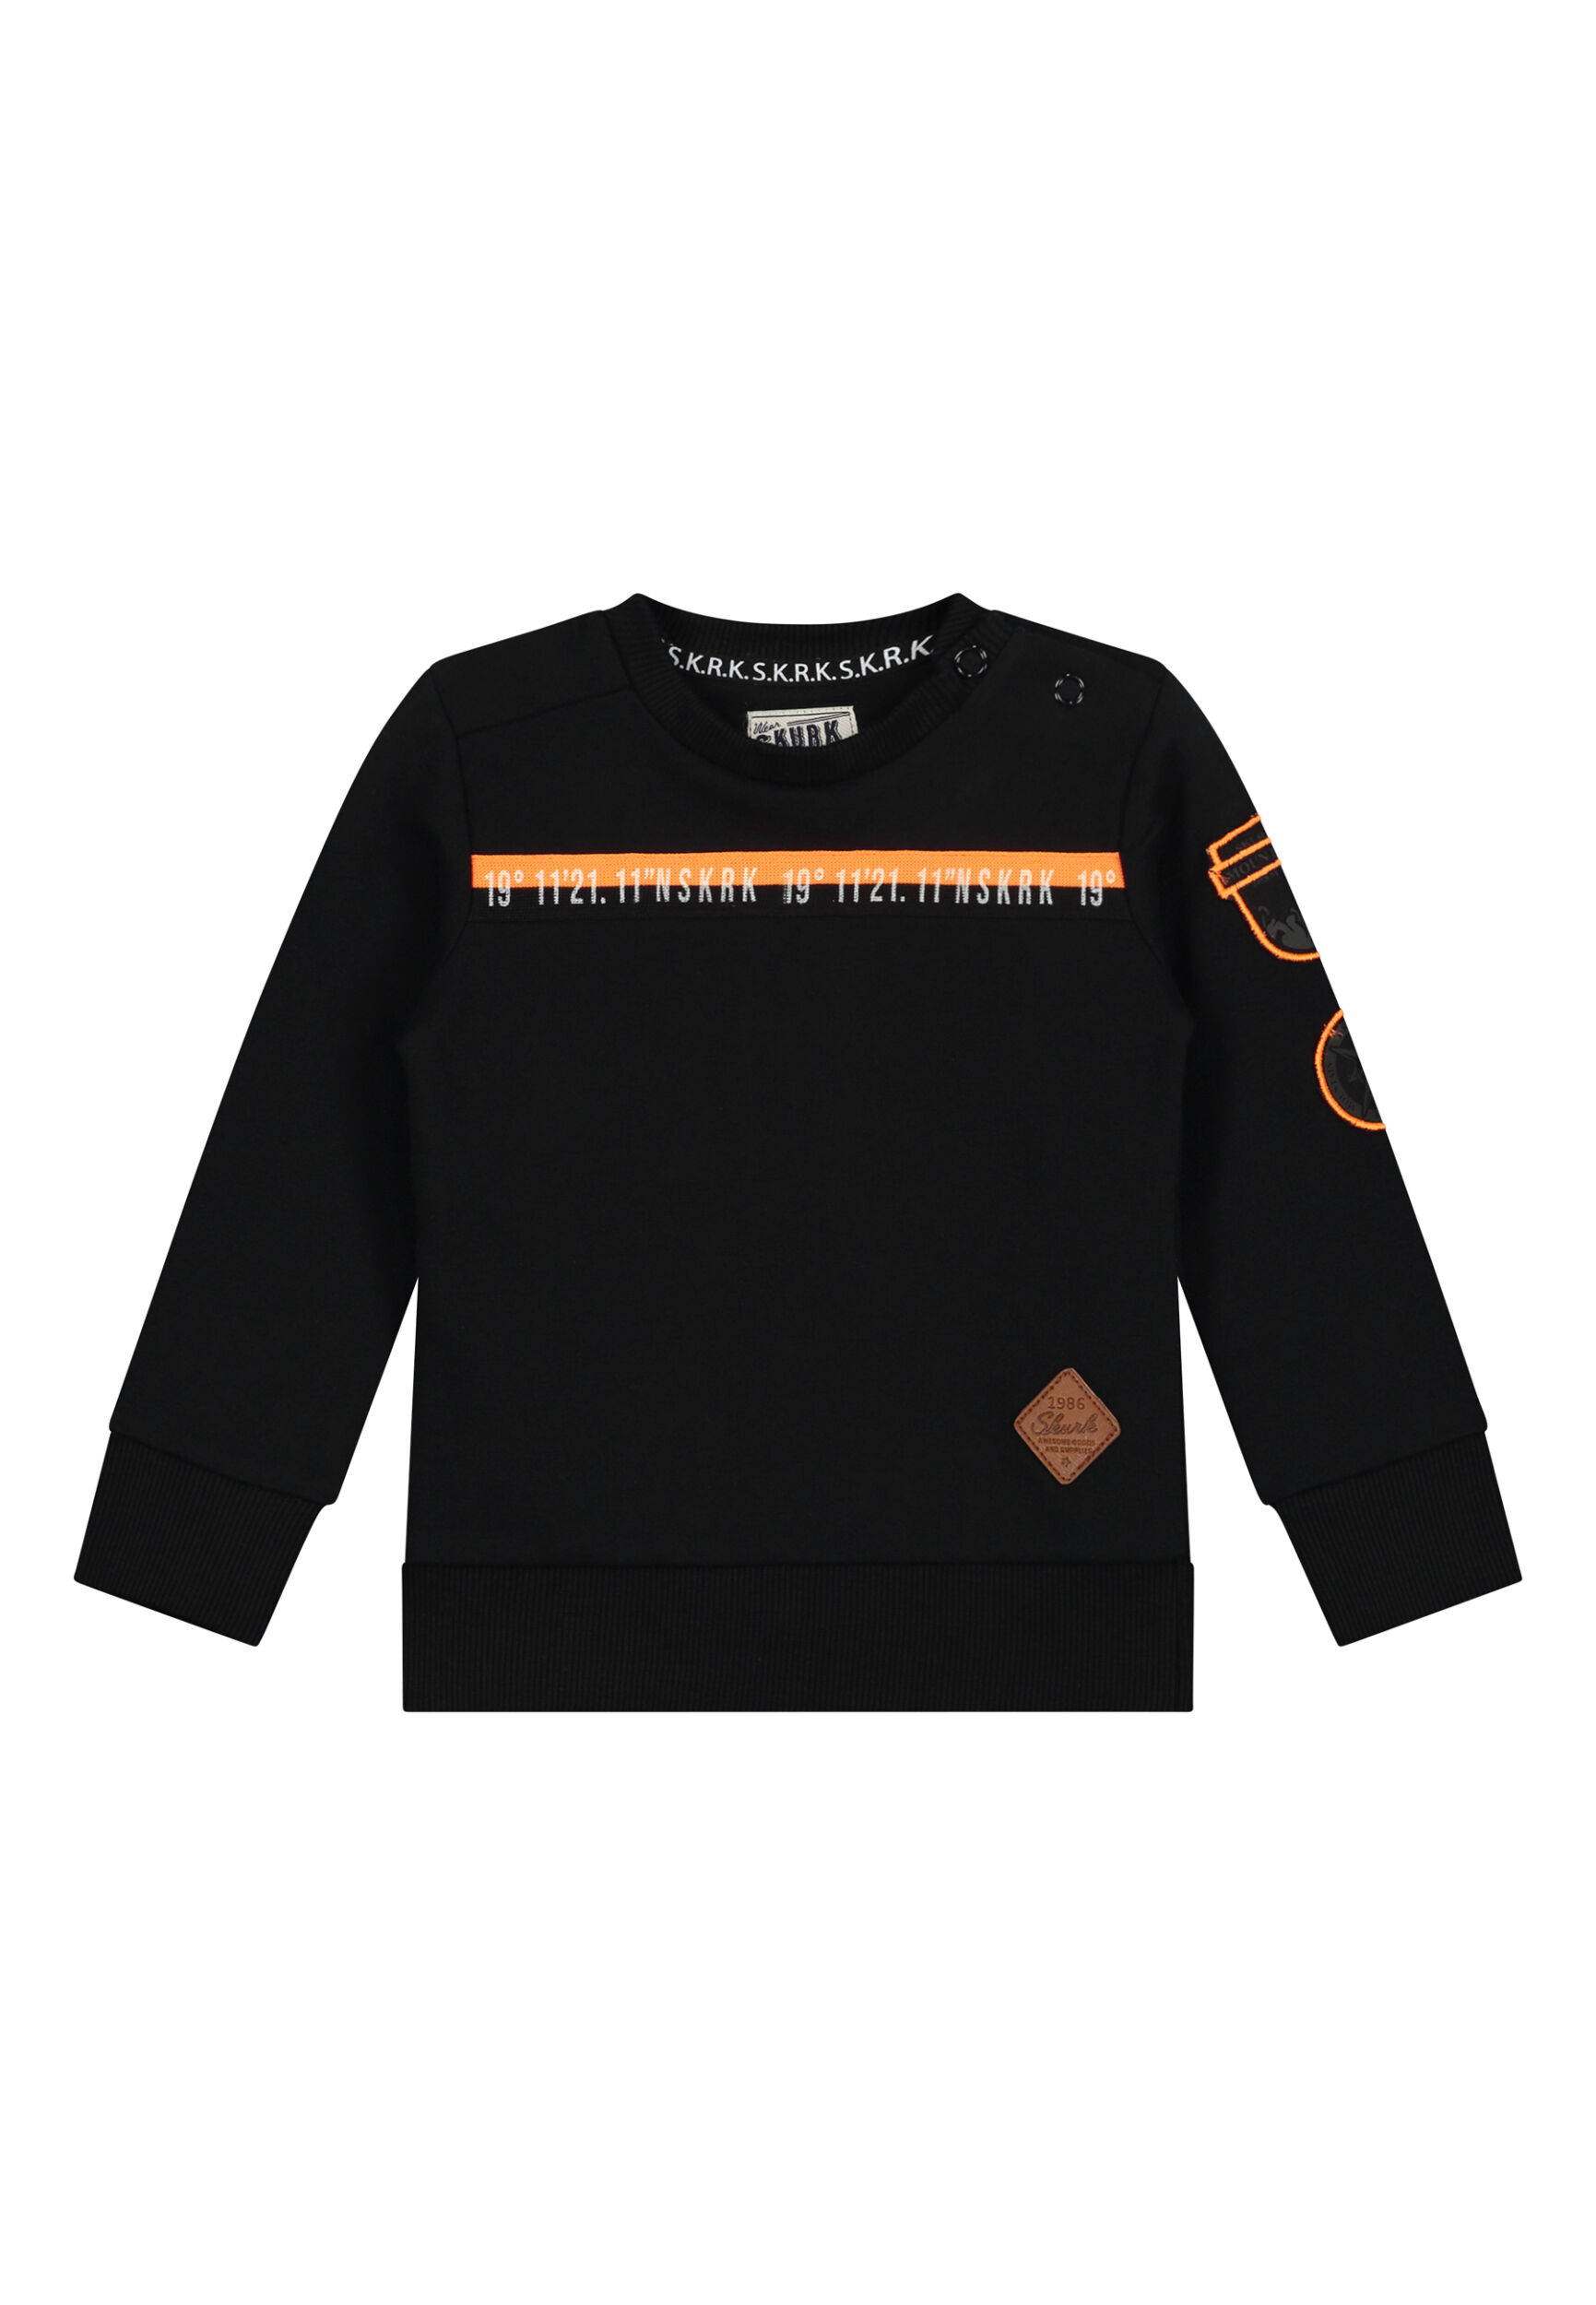 zwarte sweater jongens peuter babykleding